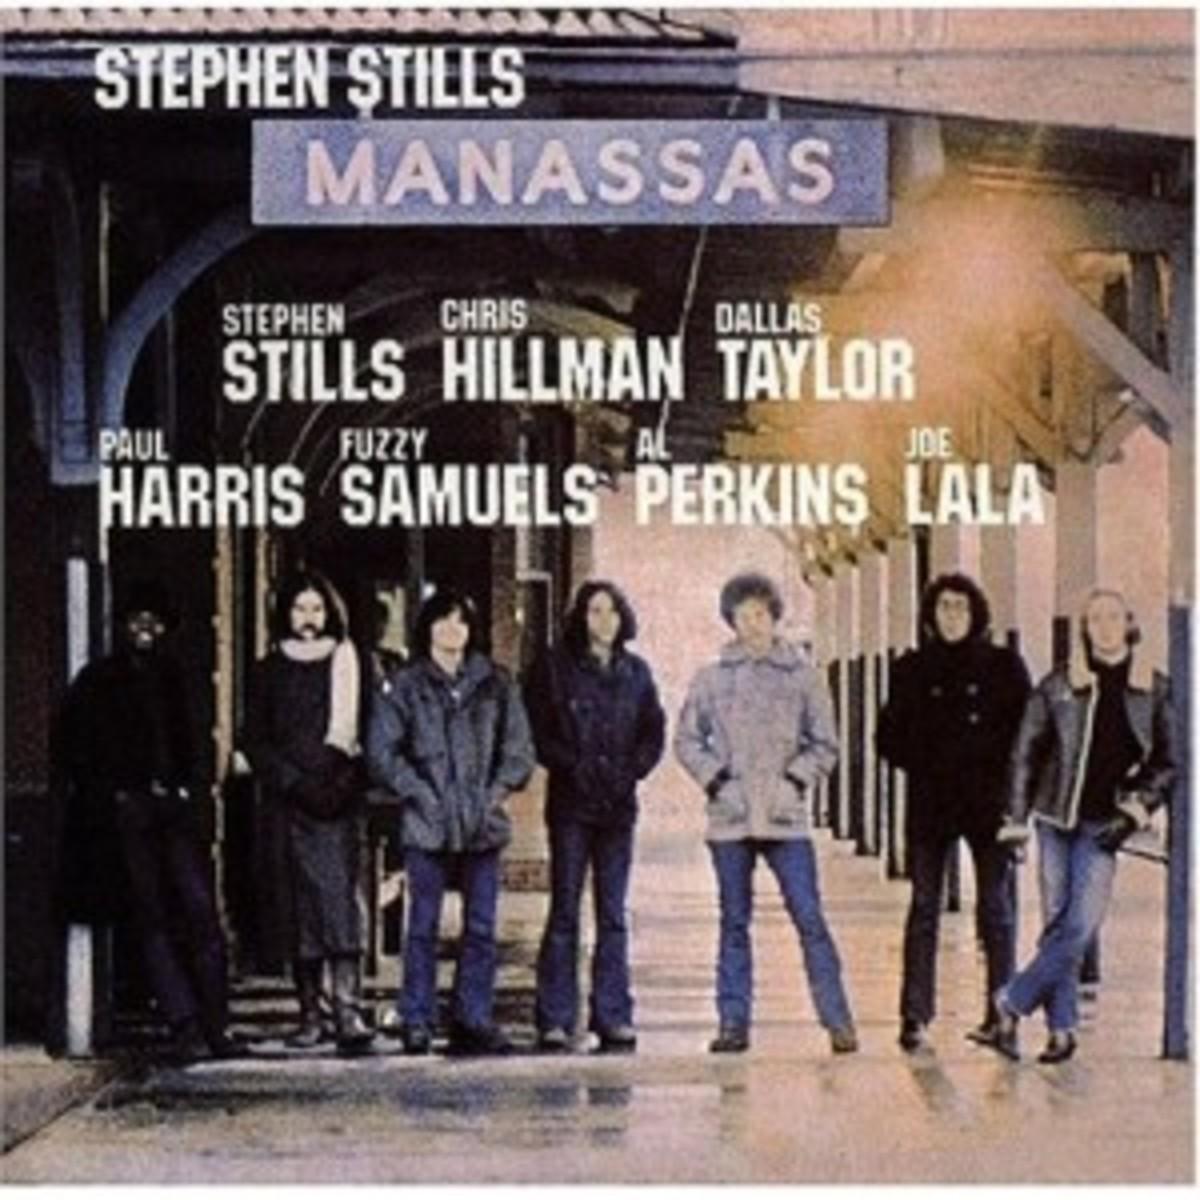 StephenStills_Manassas2